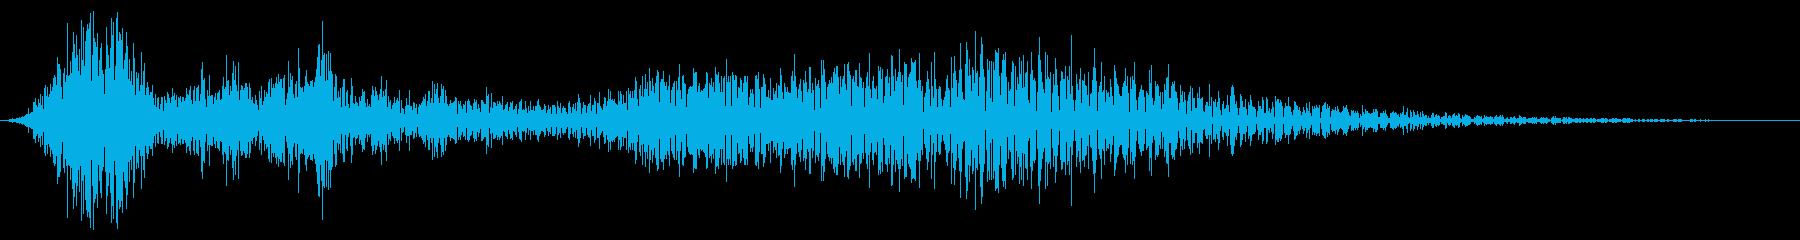 細いスワイプ6の再生済みの波形